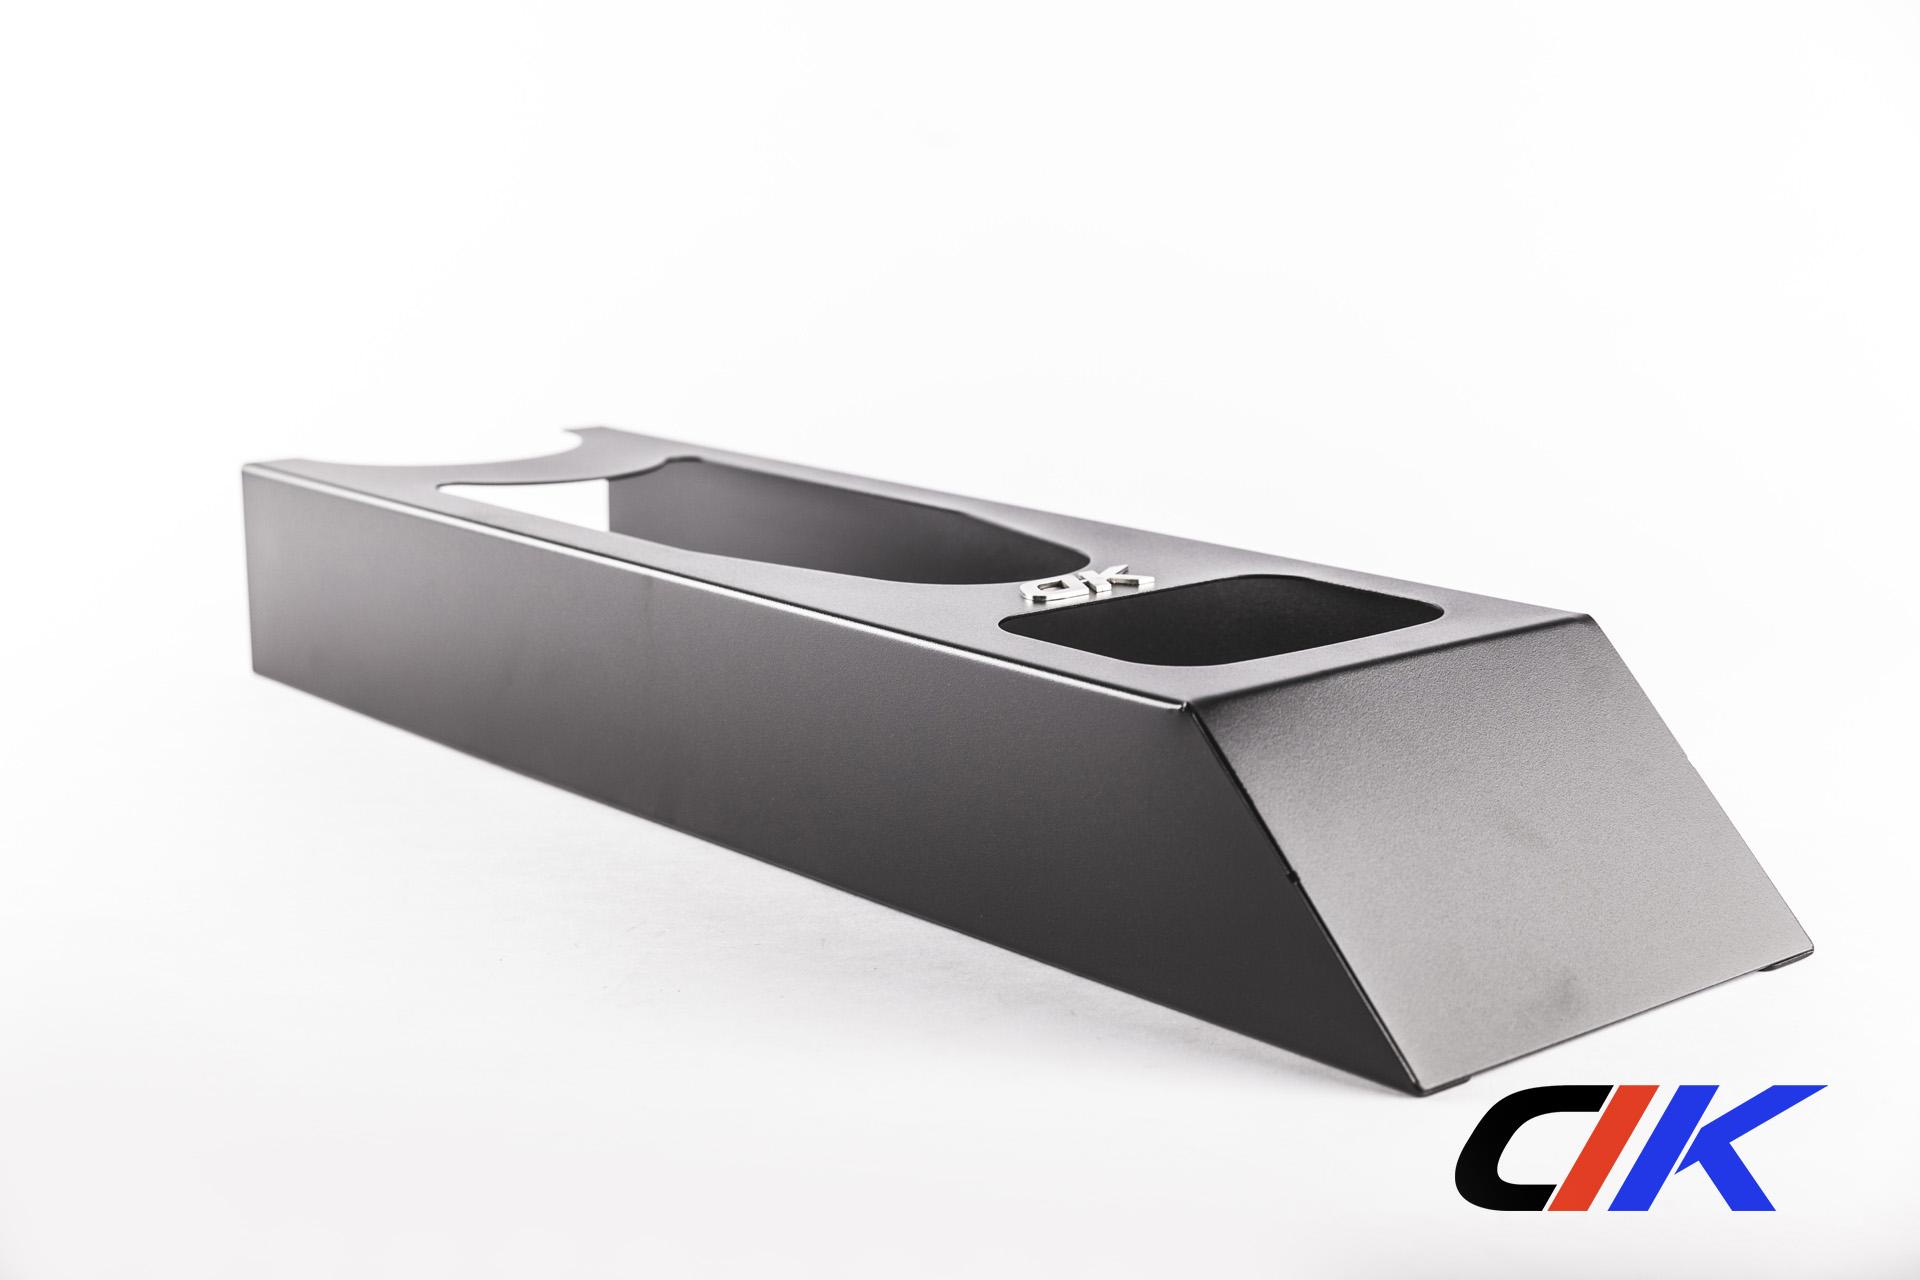 werkstatthalter f r poliermaschine flex schleifmaschine online shop f r drifting tuning. Black Bedroom Furniture Sets. Home Design Ideas